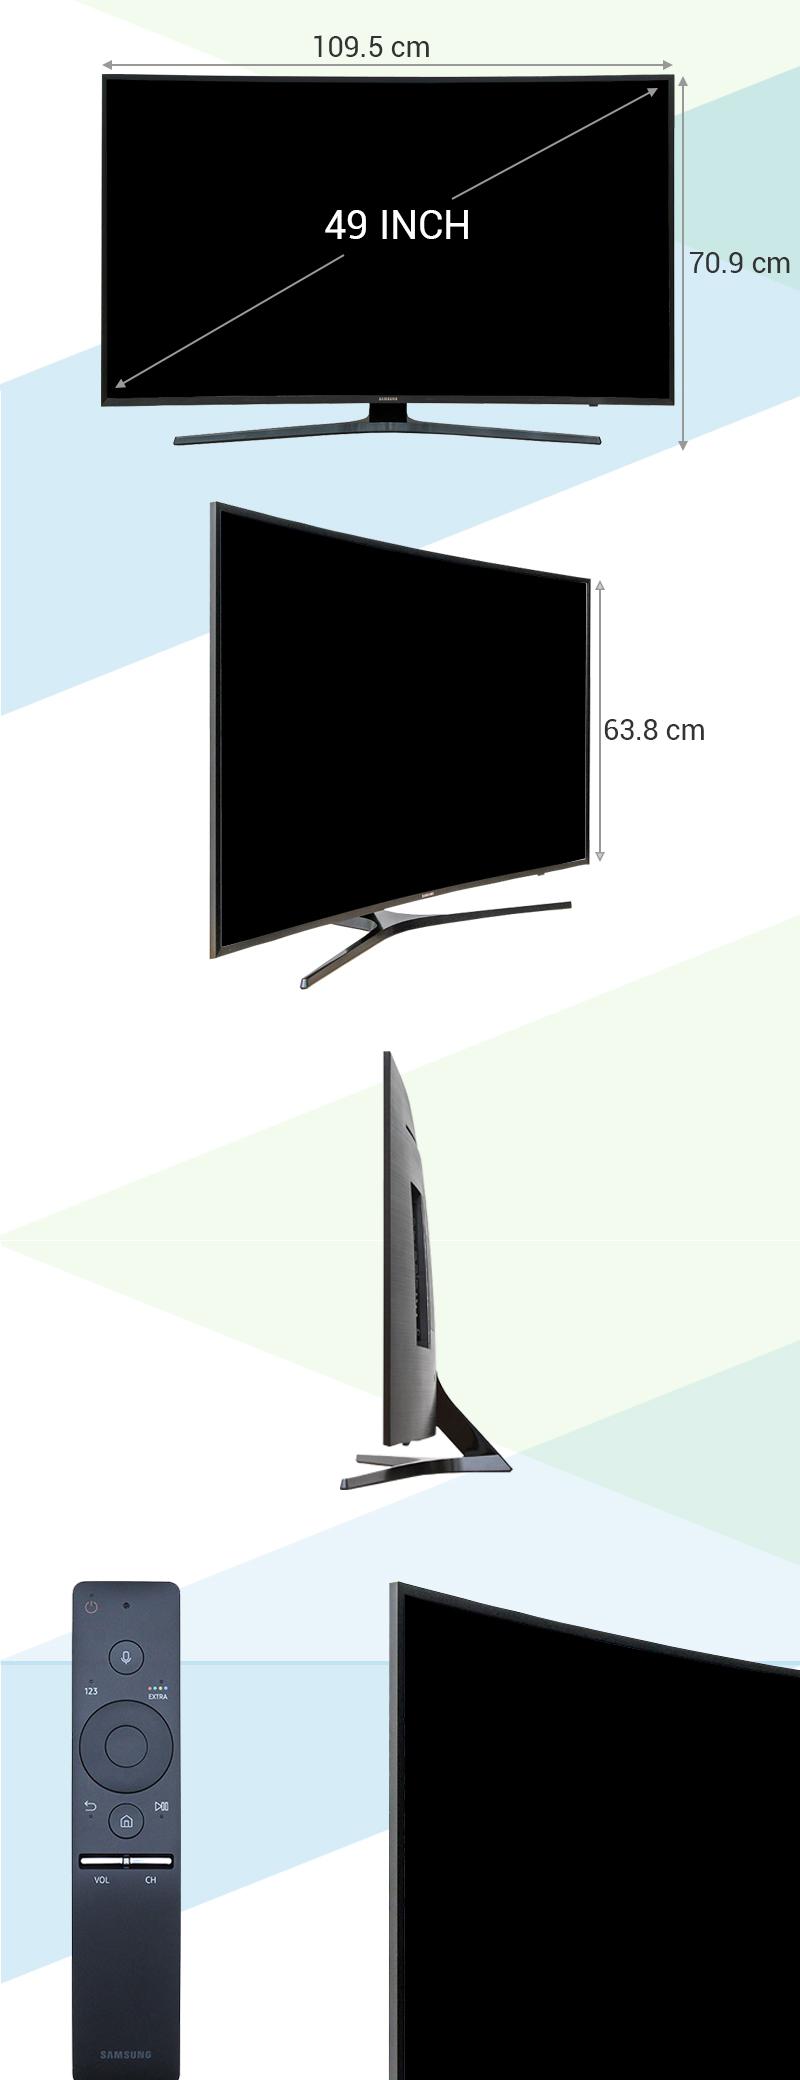 Smart Tivi Cong Samsung 49 inch UA49KU6500 - Kích thước tivi